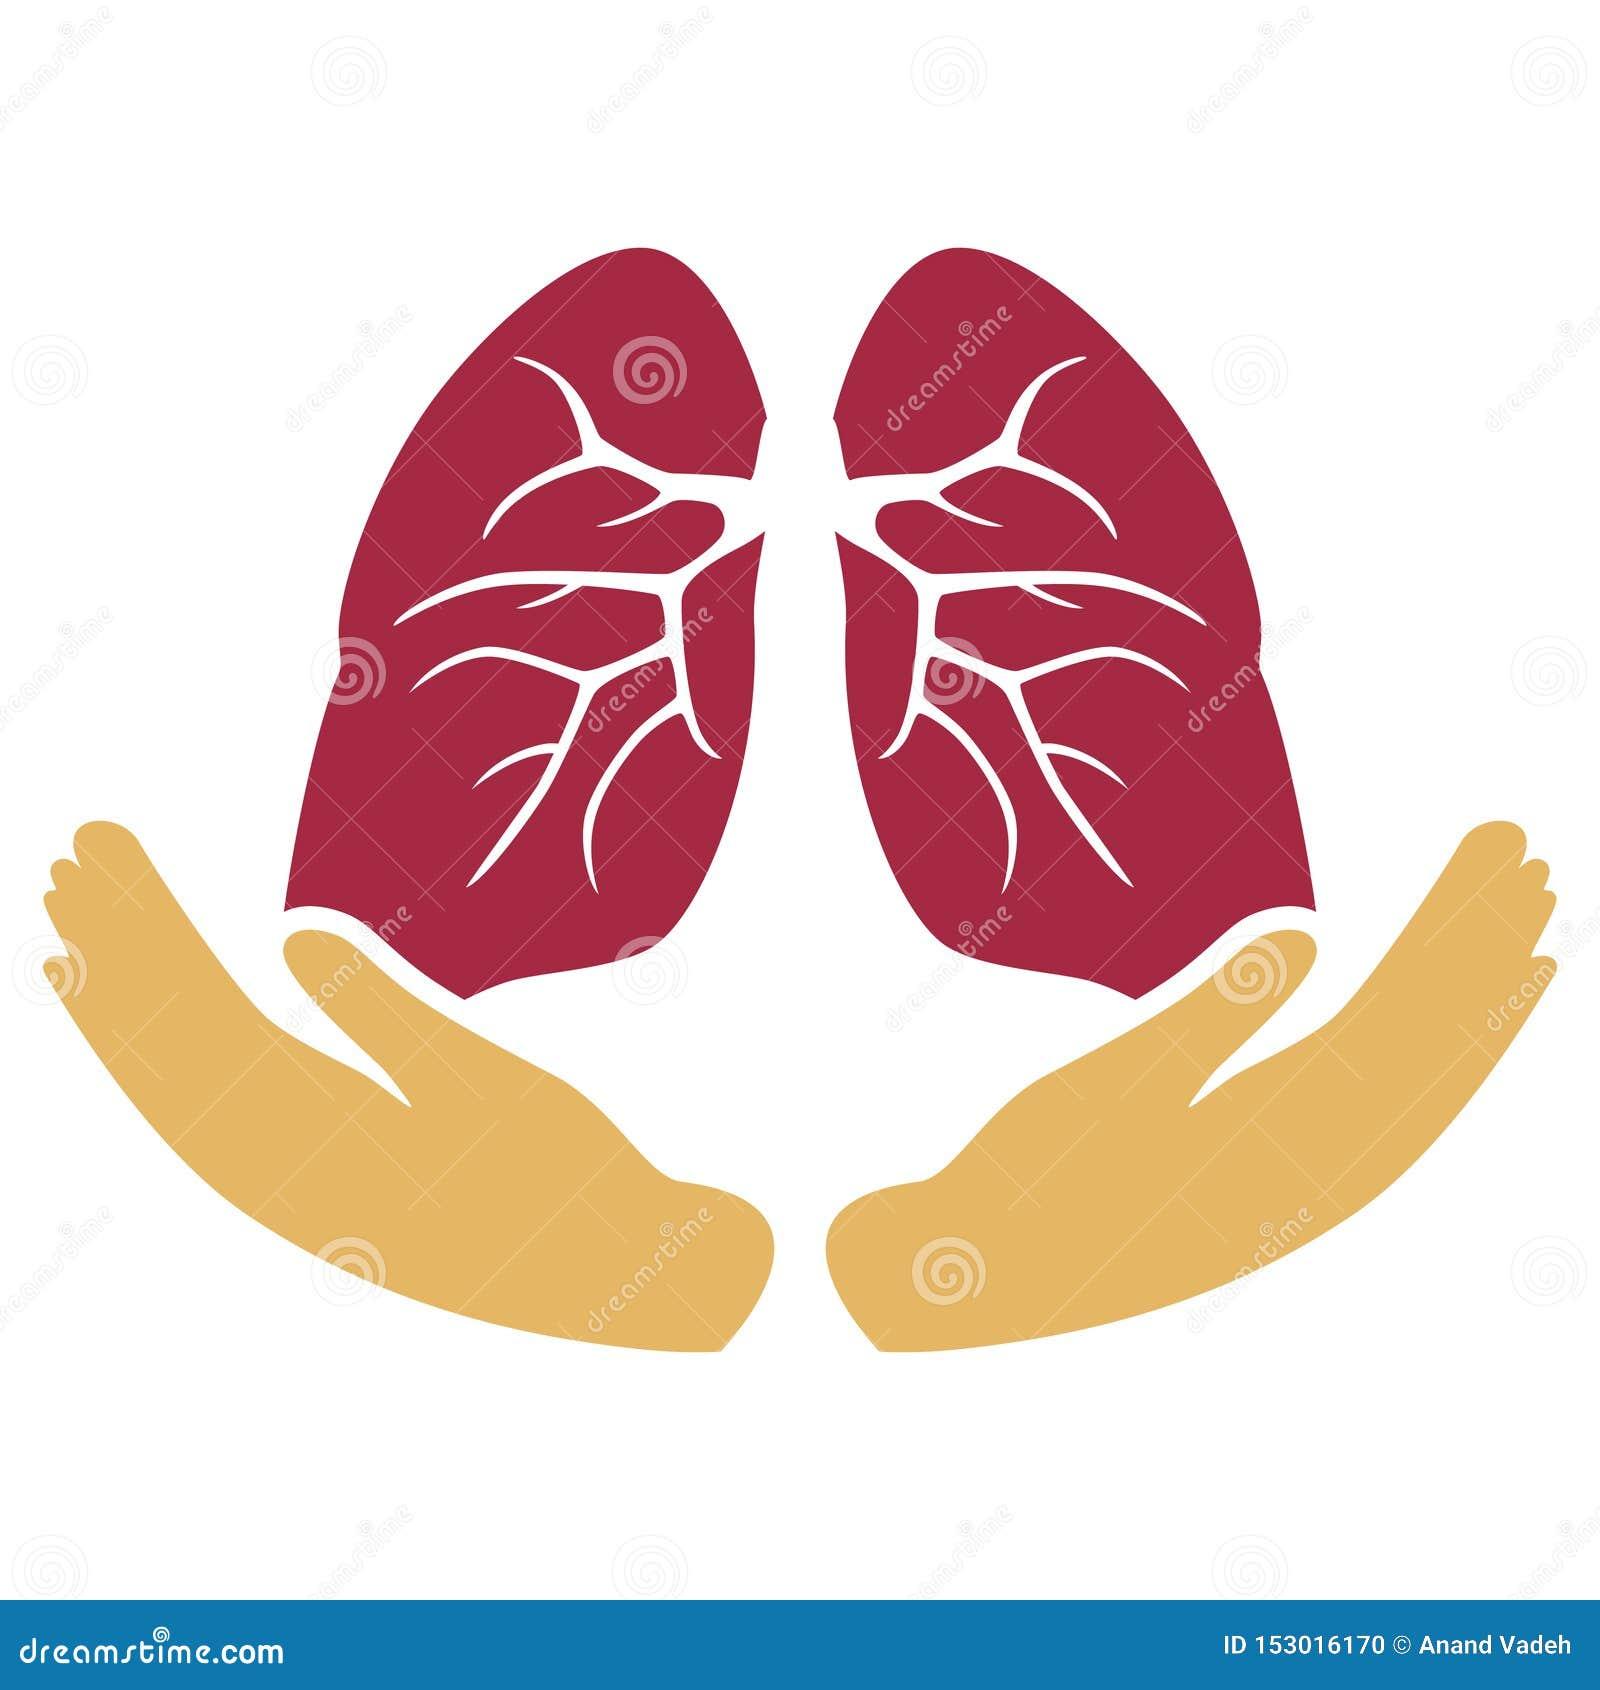 Cuidado del corazón con símbolo de las manos